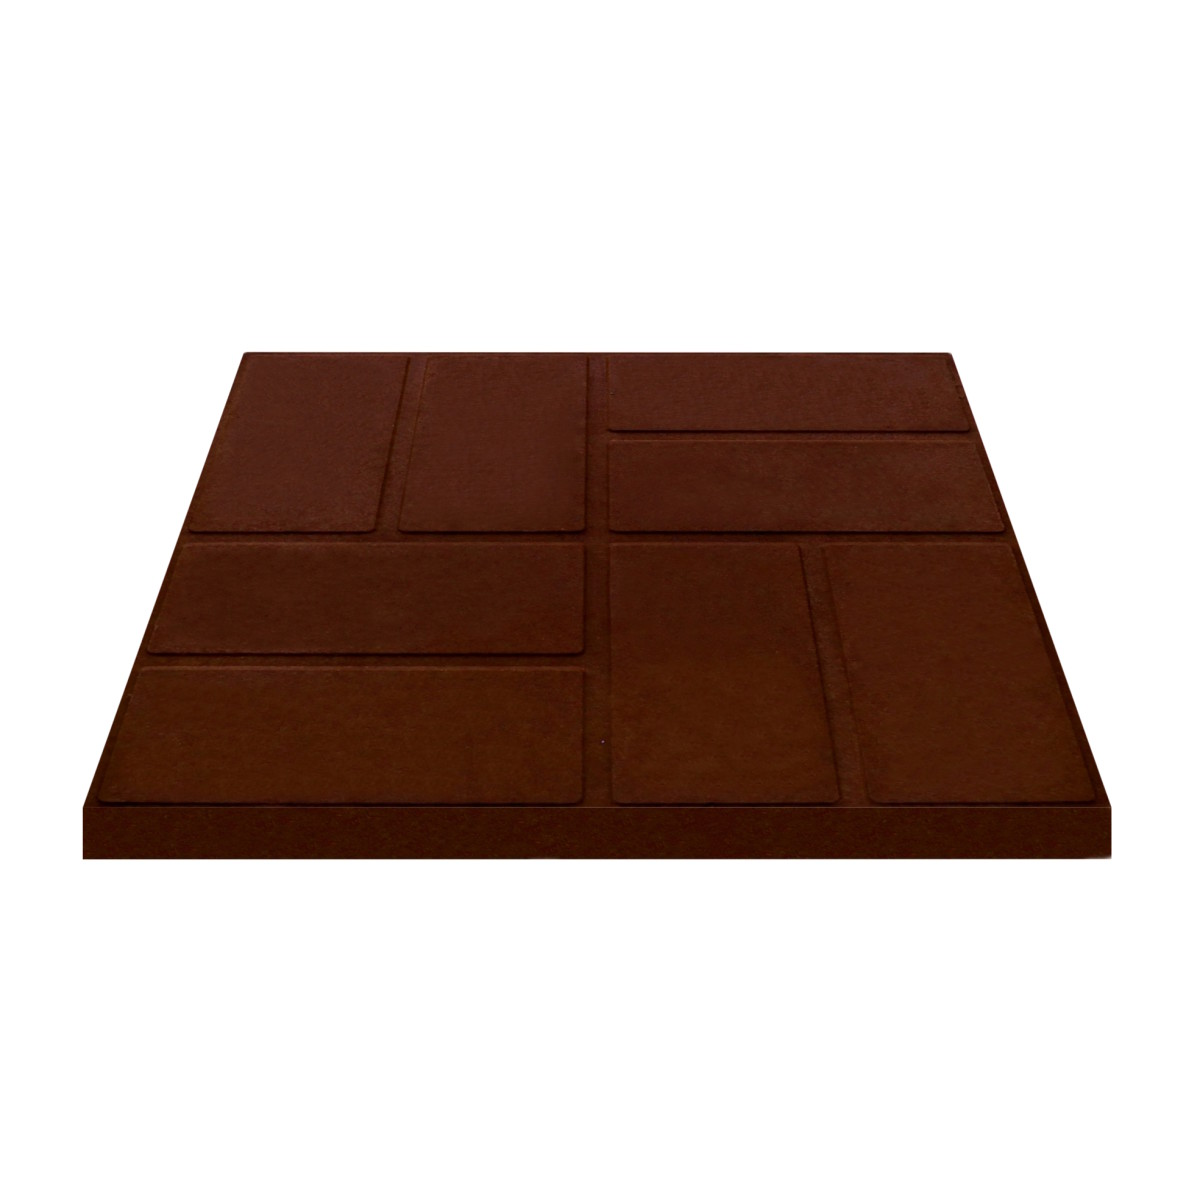 Плитка тротуарная 330x330x35 мм цвет шоколадный